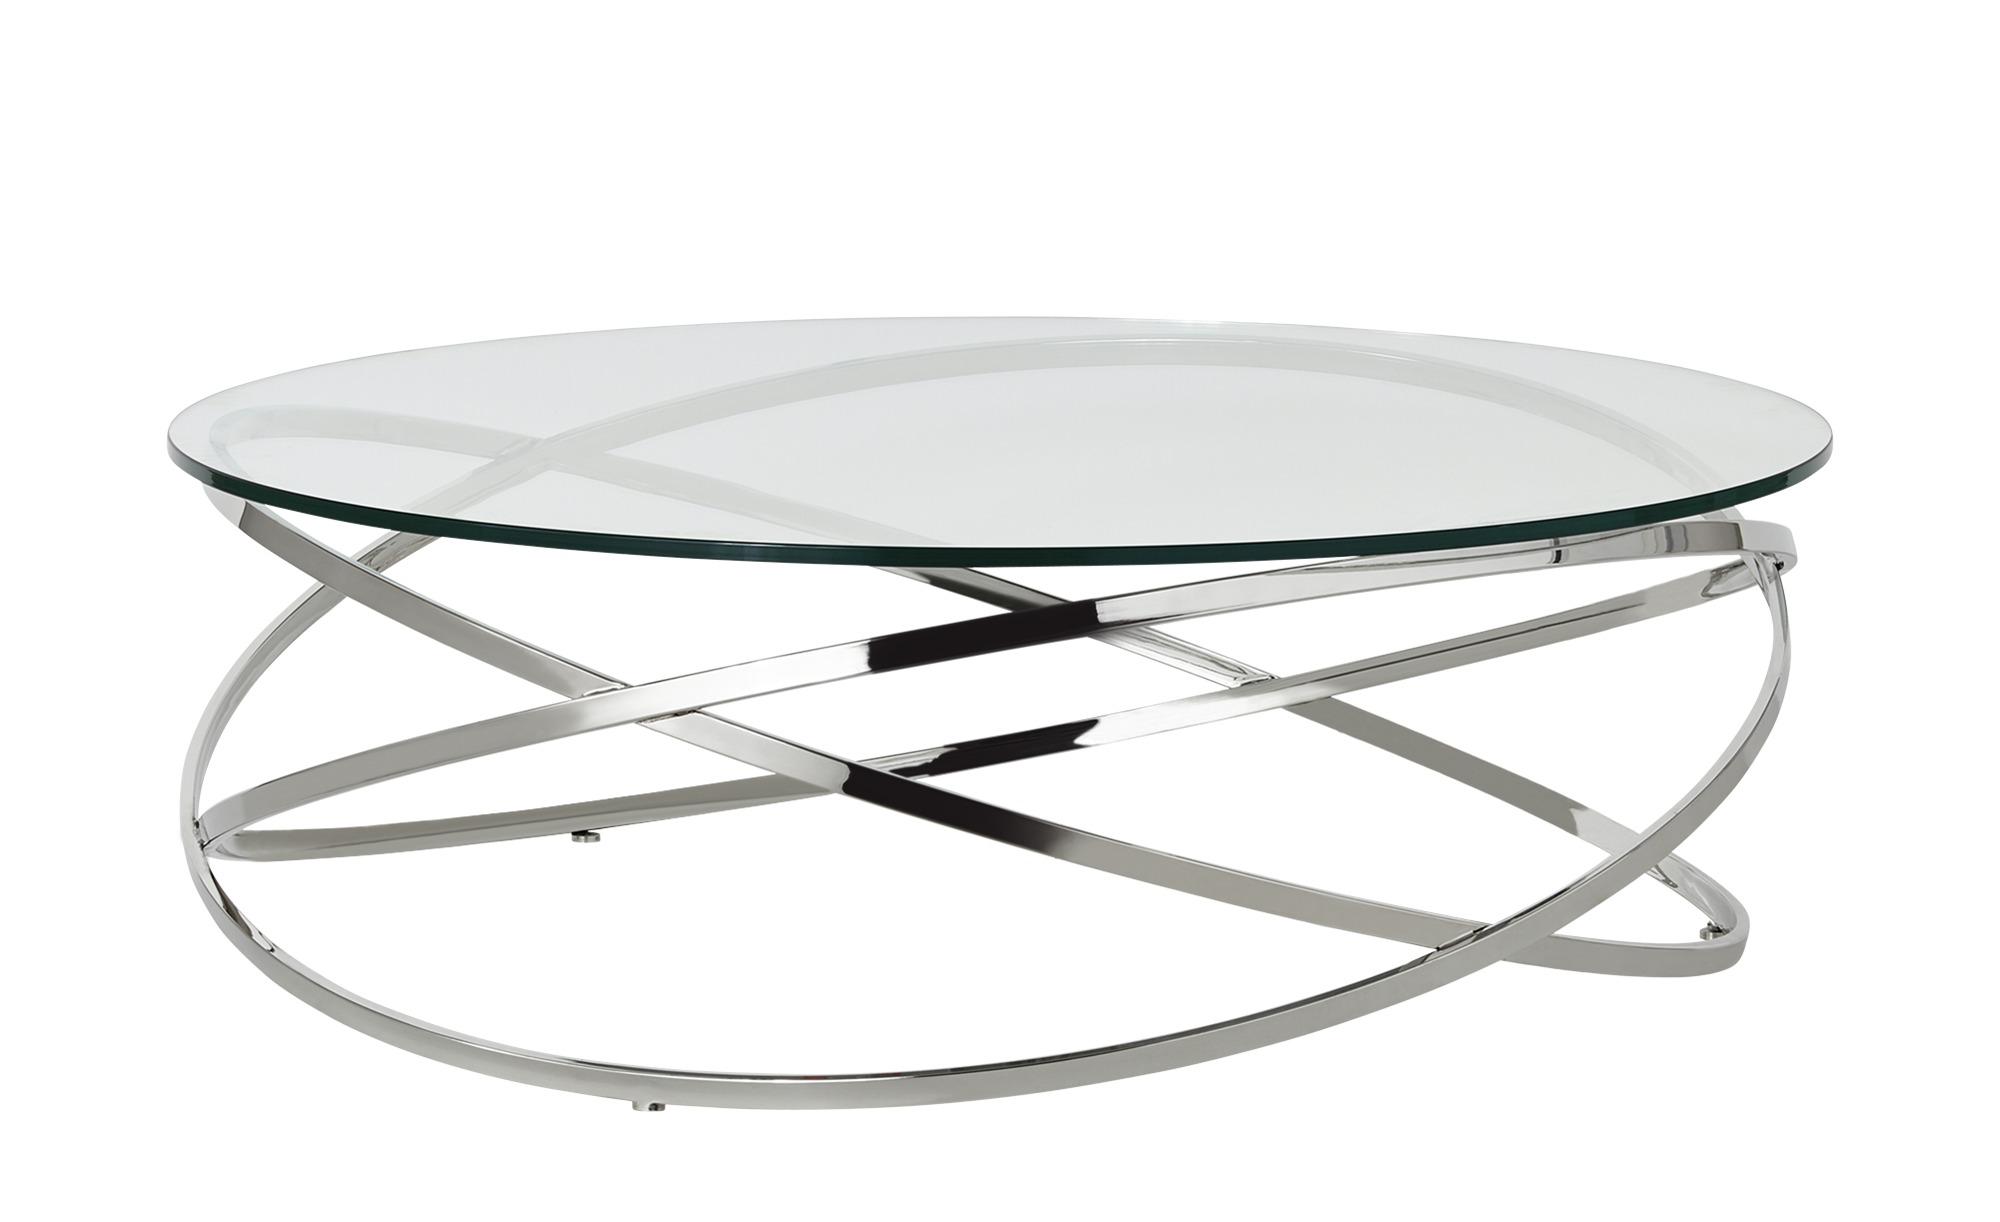 Couchtisch  Todor ¦ silber ¦ Maße (cm): H: 35 Ø: 105 Tische > Couchtische > Couchtische rund - Höffner